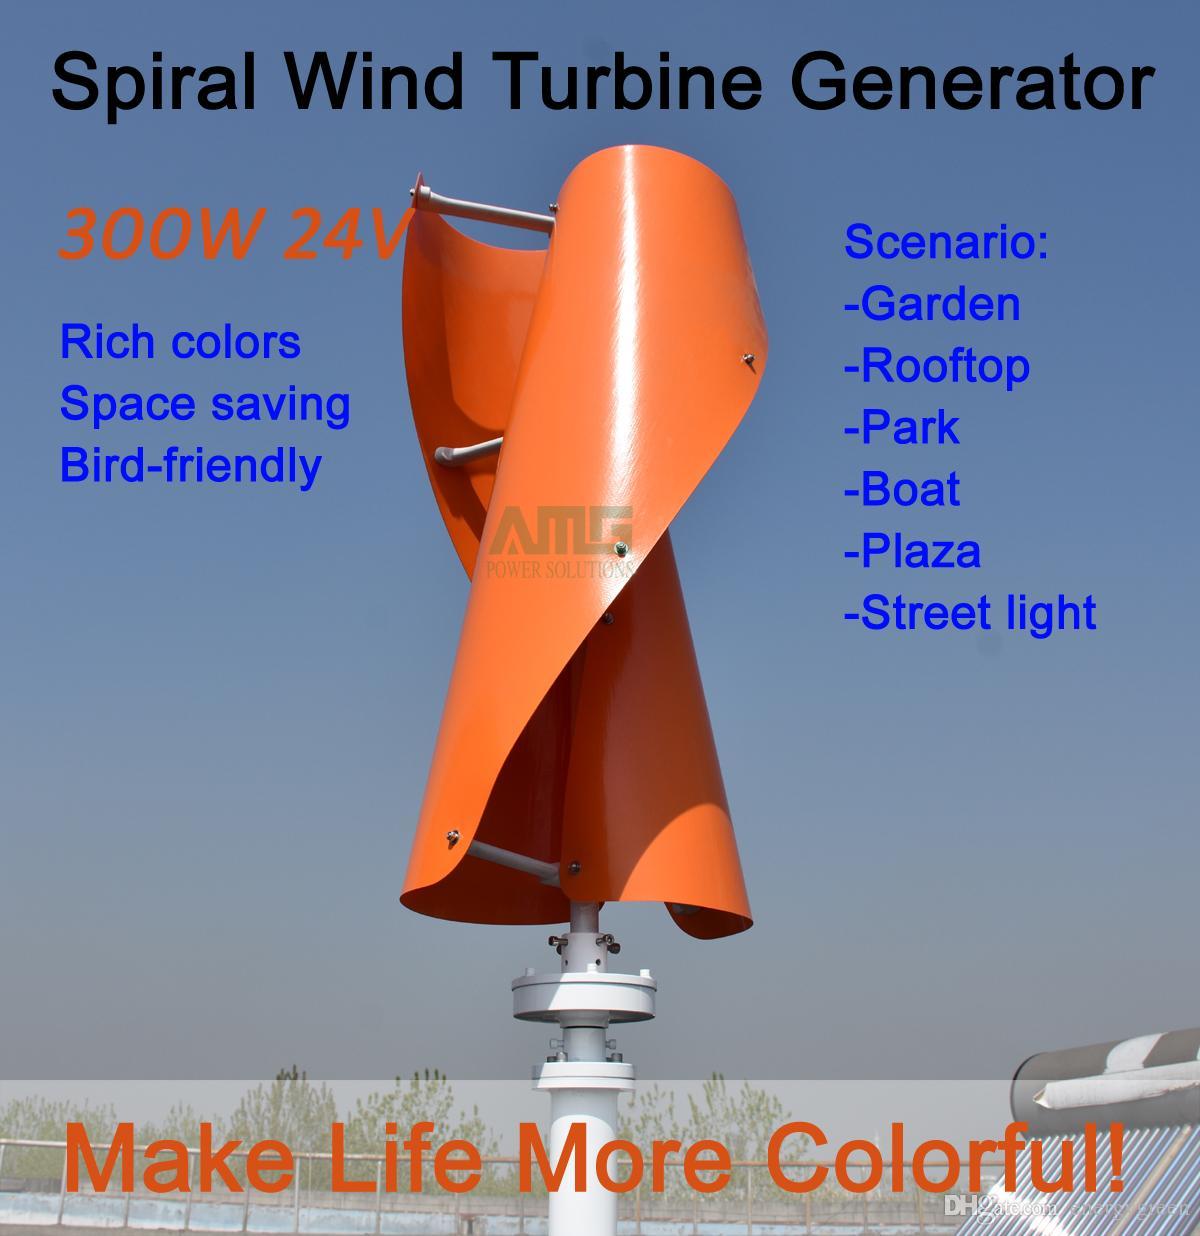 Turbina 300W 24V de eje vertical Espiral generador de viento MPPT con conrtoller impulso para el jardín / azotea / parque / barco / plaza / decoración farola